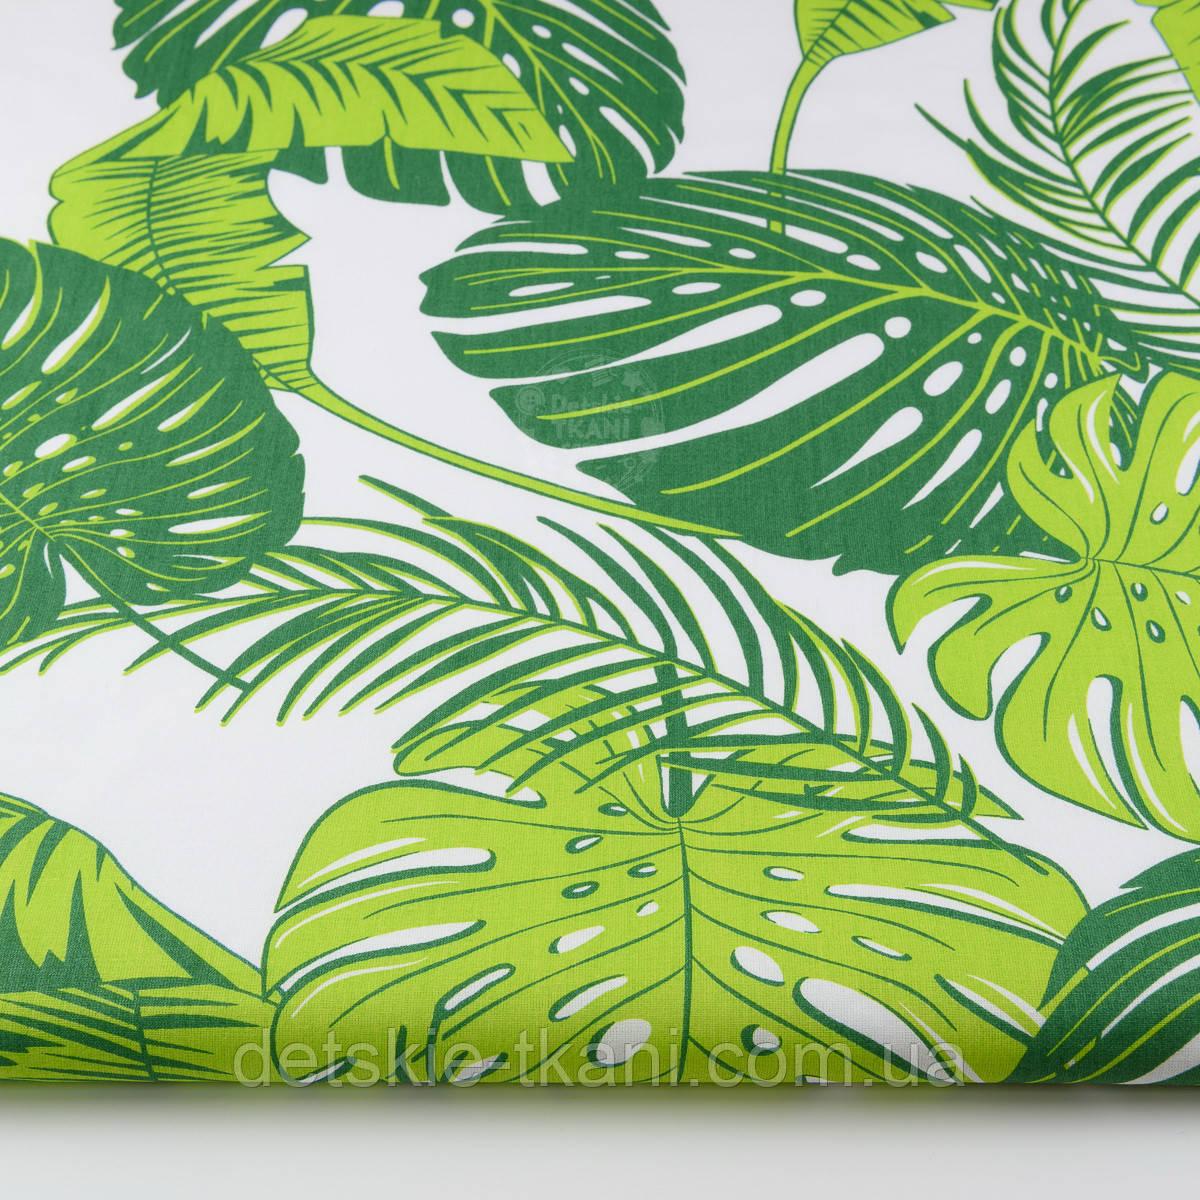 """Ткань хлопковая """"Листья монстеры и пальмы"""" большие, зелёные на белом, без ромбов №1339"""